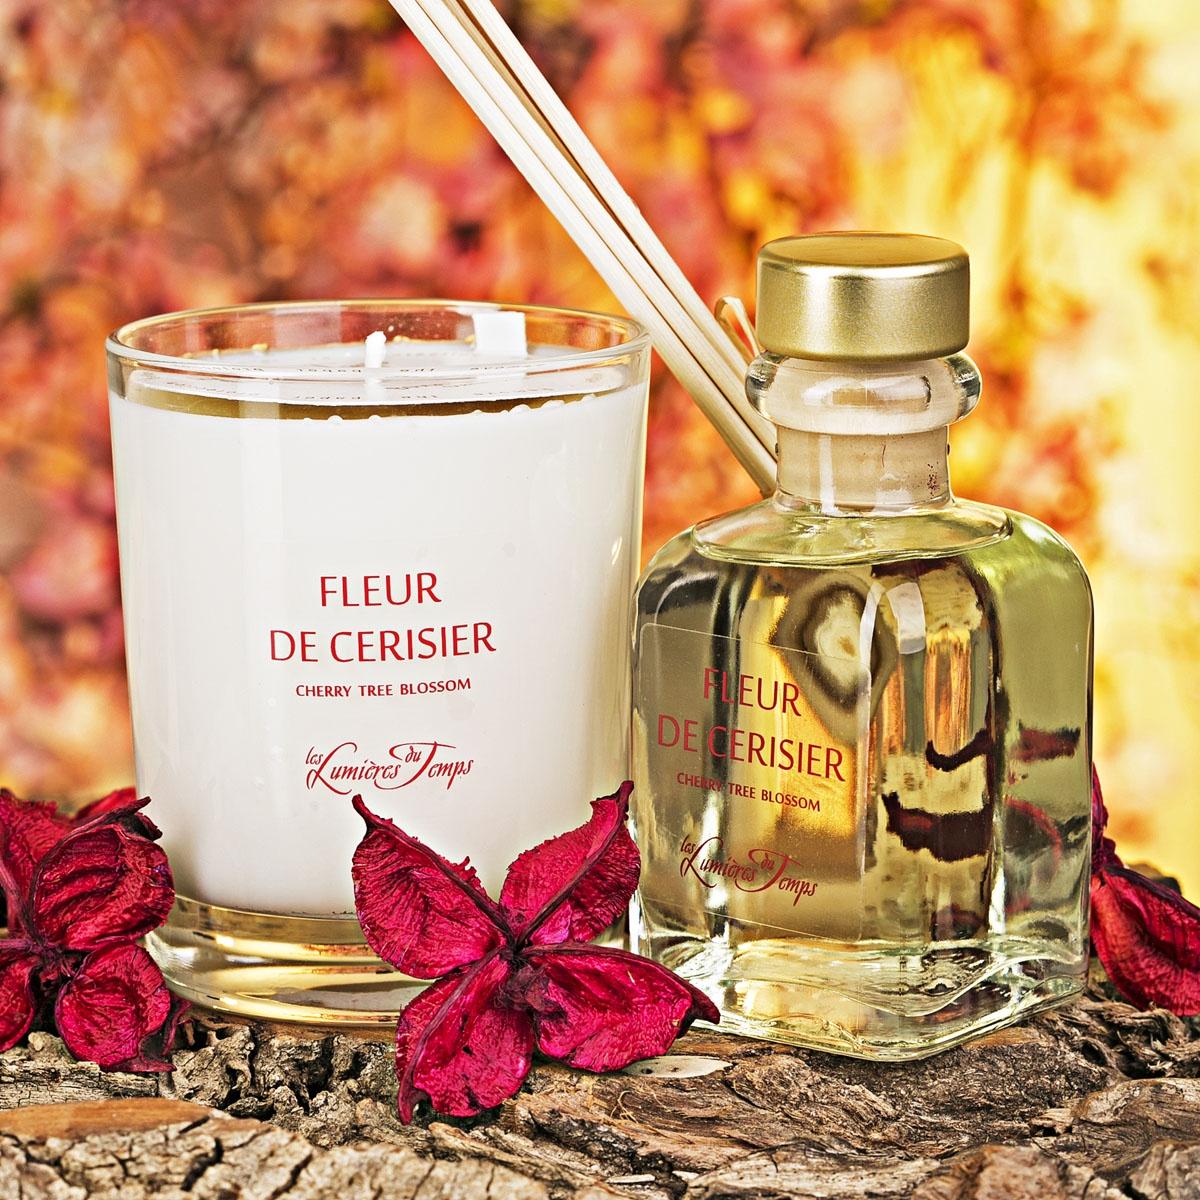 Подарочный набор Les Lumieres du Temps Цветок вишни: аромадиффузор, 100 мл + ароматическая восковая свеча, 180 г + тростниковые палочкиCOF2 CSFLEUR DE CERISIER / ЦВЕТОК ВИШНИ (вишня-жасмин-ваниль) Этот женственный и цветочный аромат перенесёт вас в сладкий мир засахаренной вишни в сочетании с великолепными жасмином и ванилью.Цветок вишни, он же аромат Женственности. Окунет Вас в лето, в сад с цветущим жасмином, где ярко светит солнышко, которое согревает Вас теплыми лучами. Аромат спелой вишни добавляет изюминку сладости, что еще больше позволяет раскрыться жасмину. Присутствие ванили, только подчеркивает этот букет, ведь ваниль – это Королева афродизиаков!В подарочный набор входят: аромадиффузор (100 мл), ароматическая восковая свеча (180 гр), тростниковые палочки, деревянная коробочка, декоративные наполнители.Во главу всего фабрика LUMIERE ставит ремесленное ручное производство, использование первичных материалов исключительно высшего качества (растительный воск, эссенции из Грааса, фитили из хлопка, БЕЗСПИРТОВЫЕ диффузоры). Ассортимент ароматов насчитывает более 60 уникальных вариантов!Благодаря воску натурального происхождения, свечи при горении не дымят и не оставляют копоть.